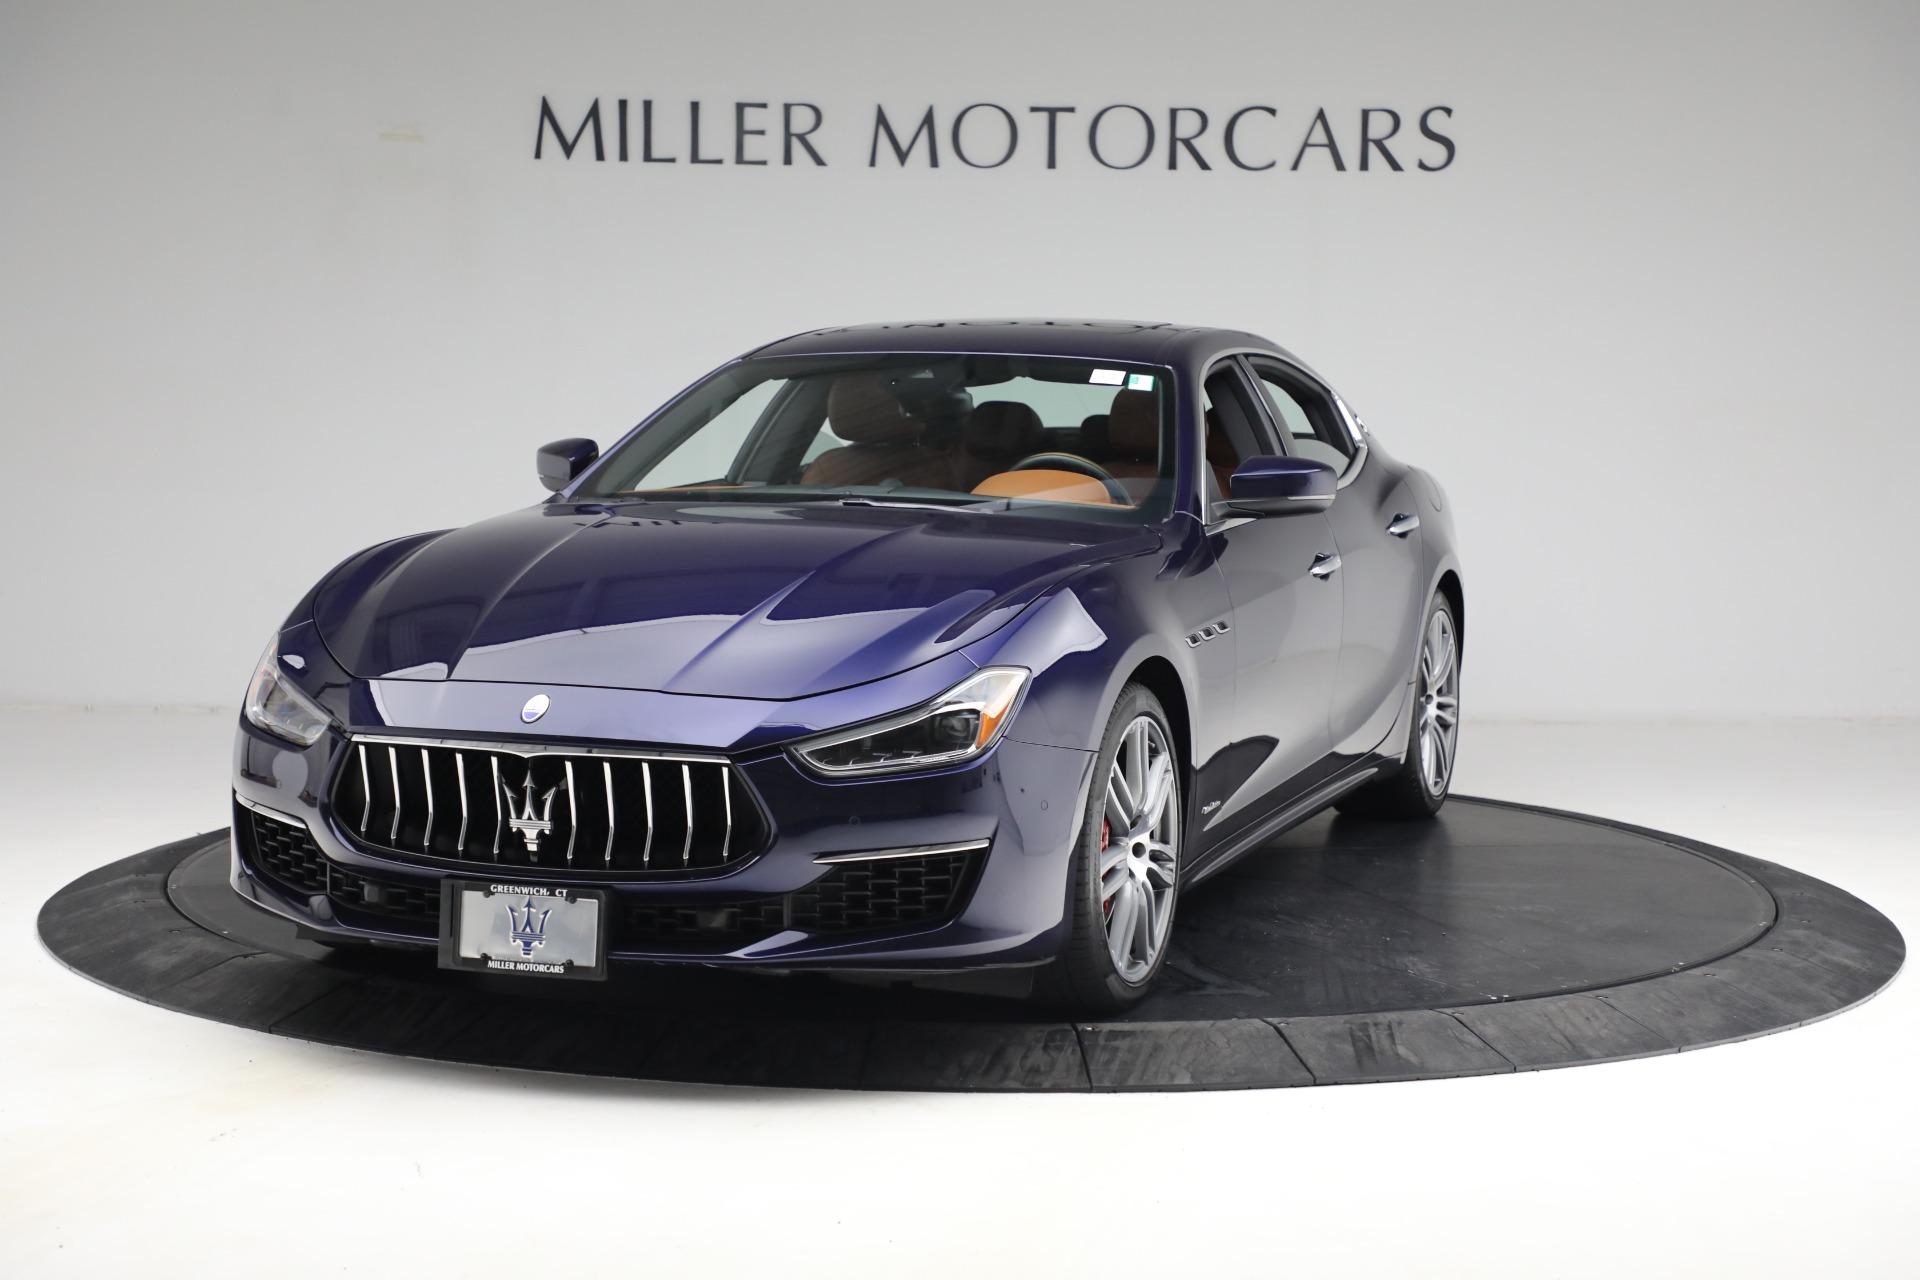 Used 2018 Maserati Ghibli S Q4 GranLusso for sale $56,900 at Maserati of Westport in Westport CT 06880 1